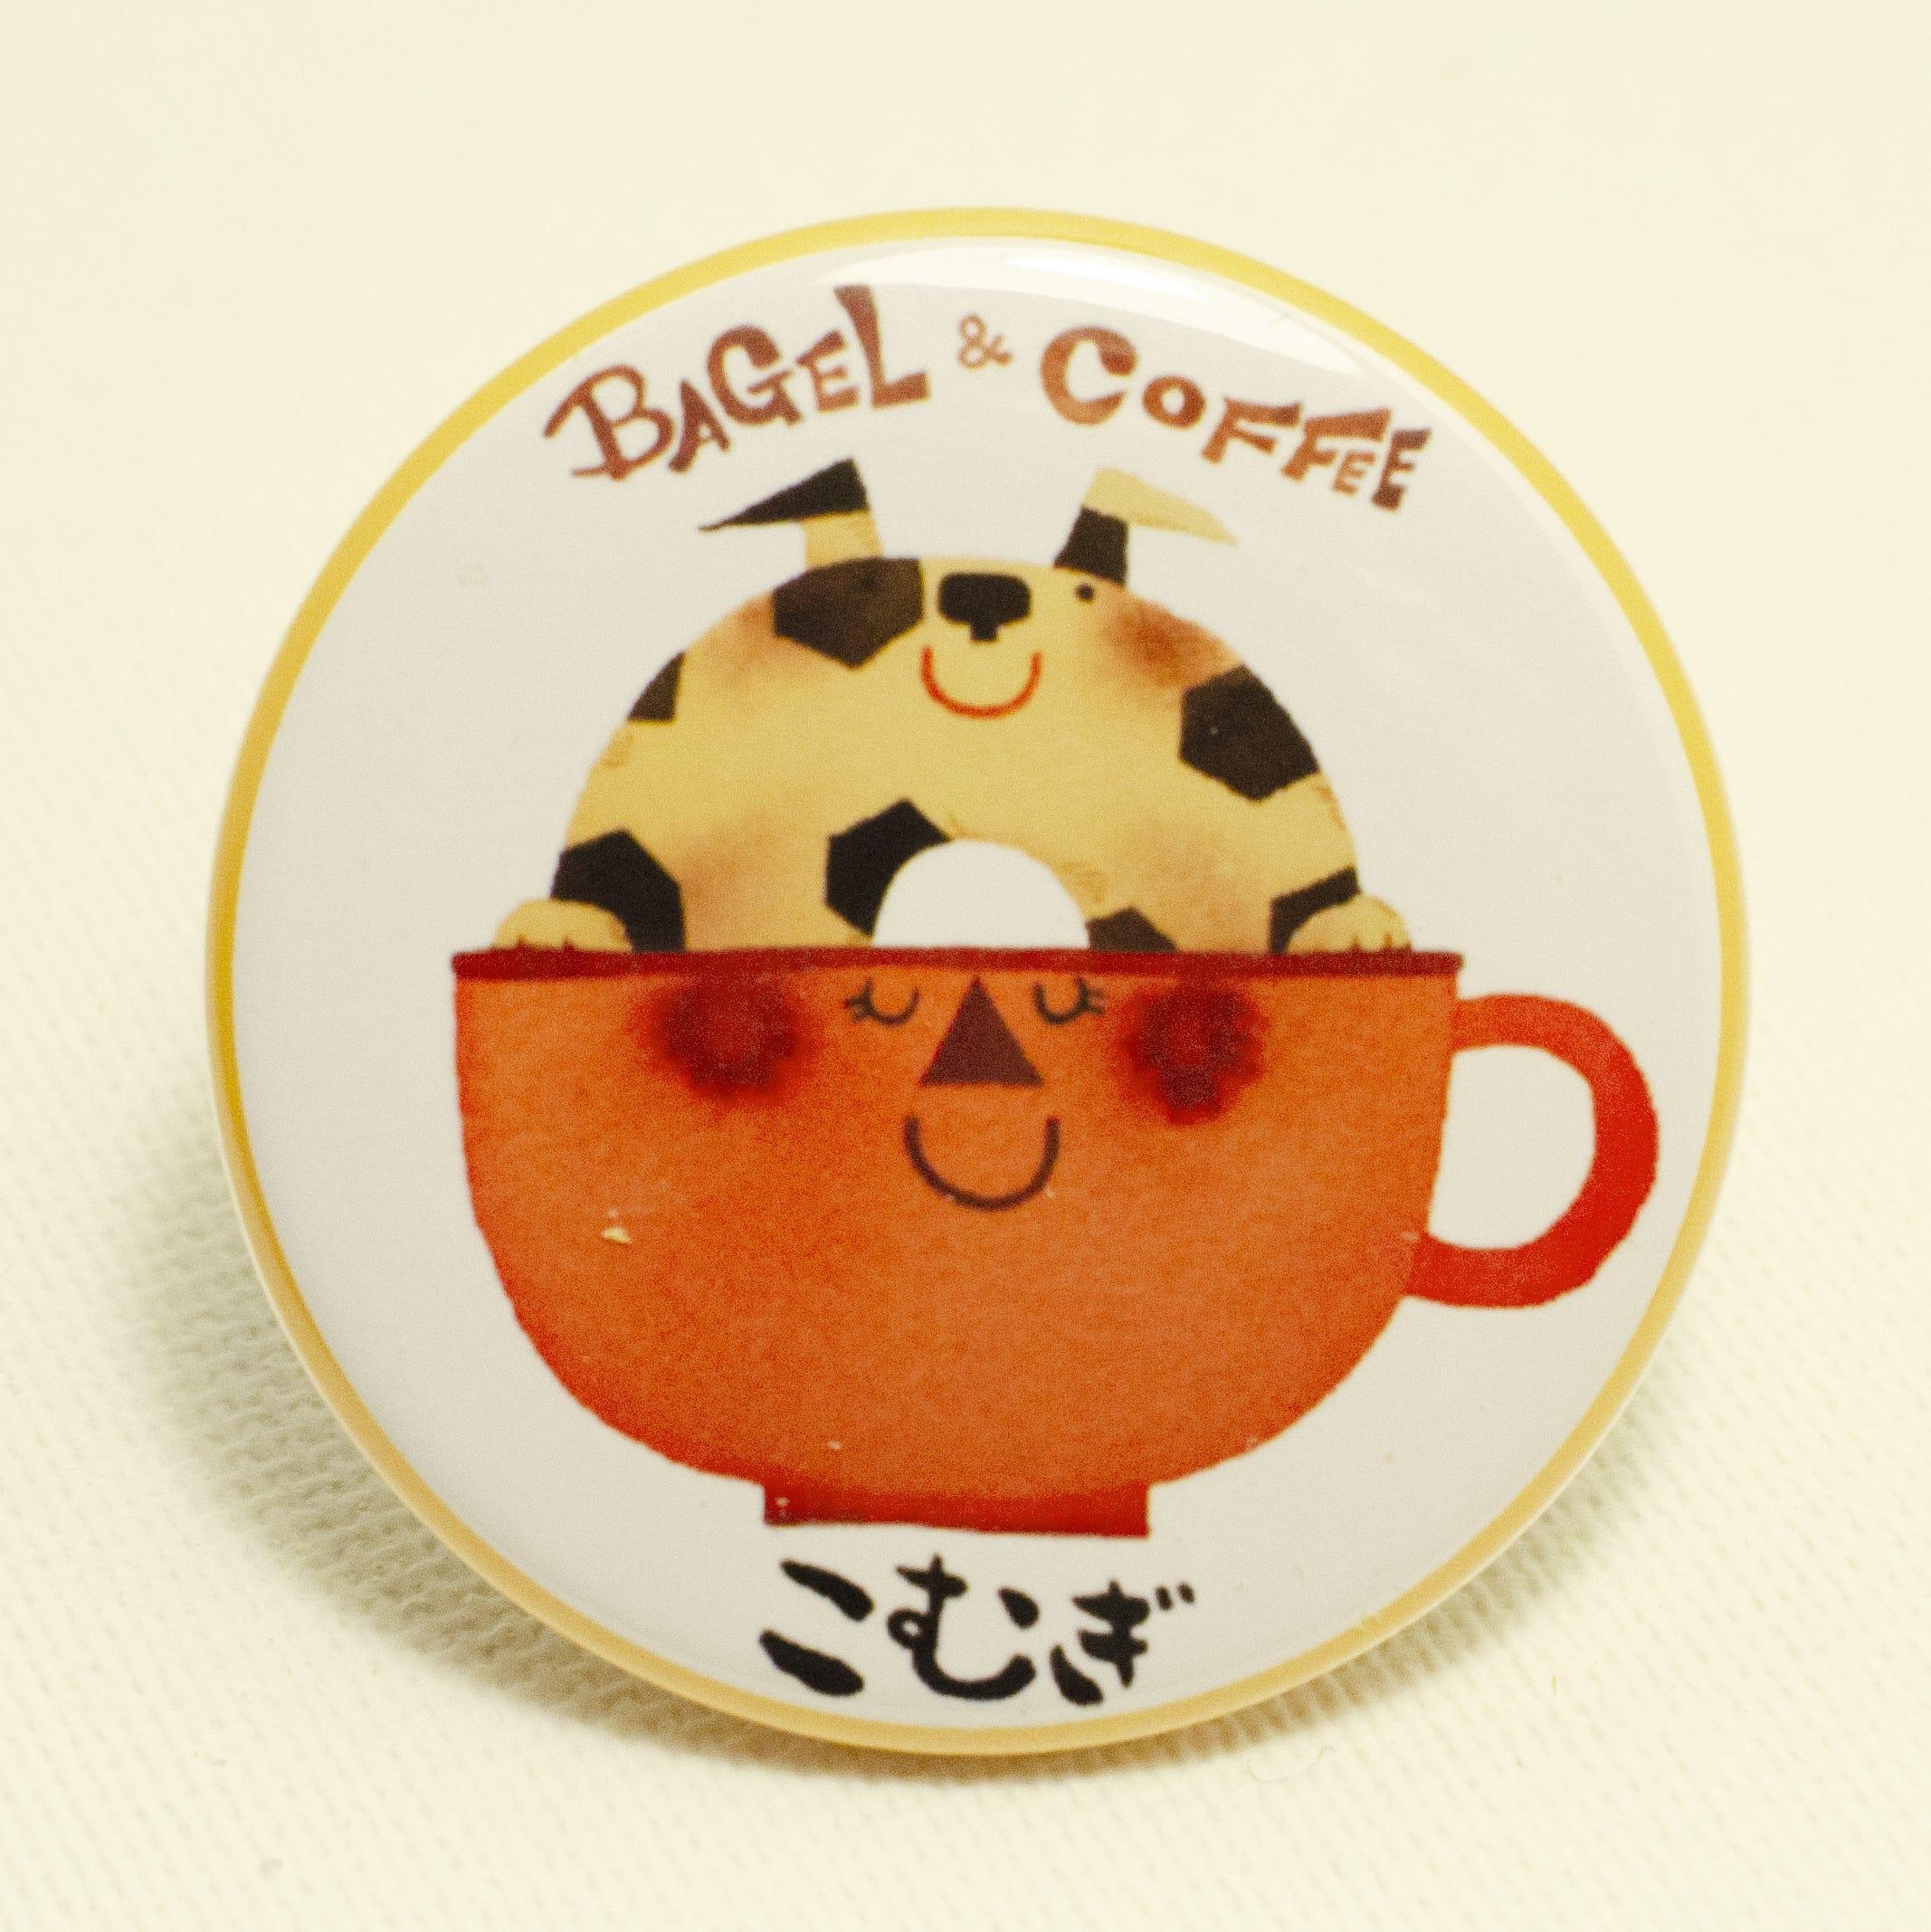 Bagel & Coffee こむぎ様 オーダーメイド缶バッジ38mm(50)のイメージその1